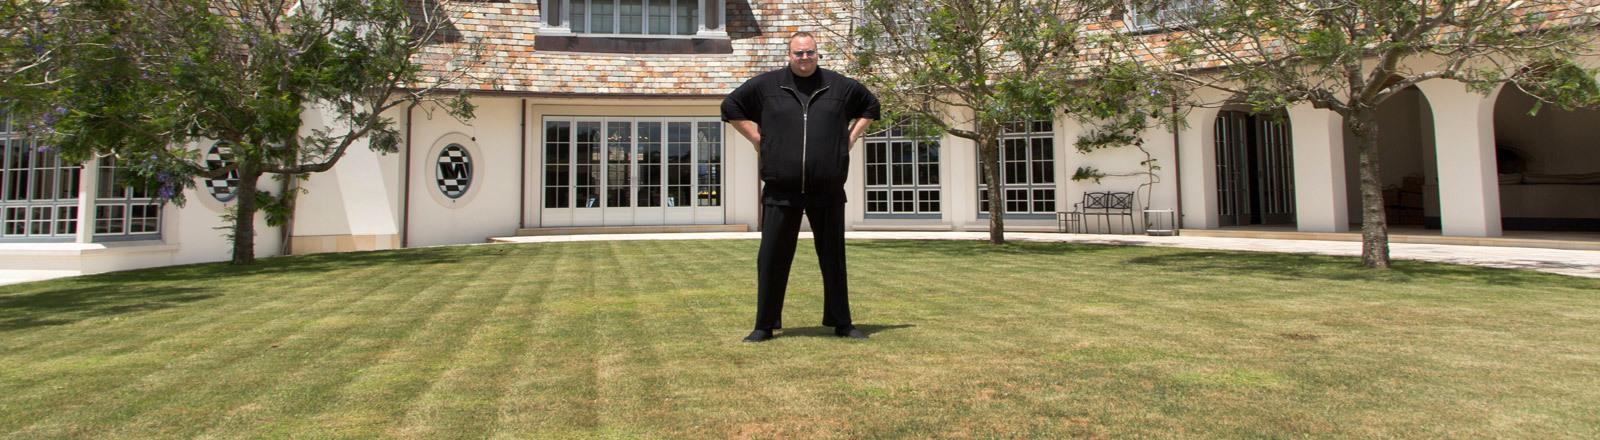 Internet-Unternehmer Kim Dotcom vor seinem Haus in Neuseeland